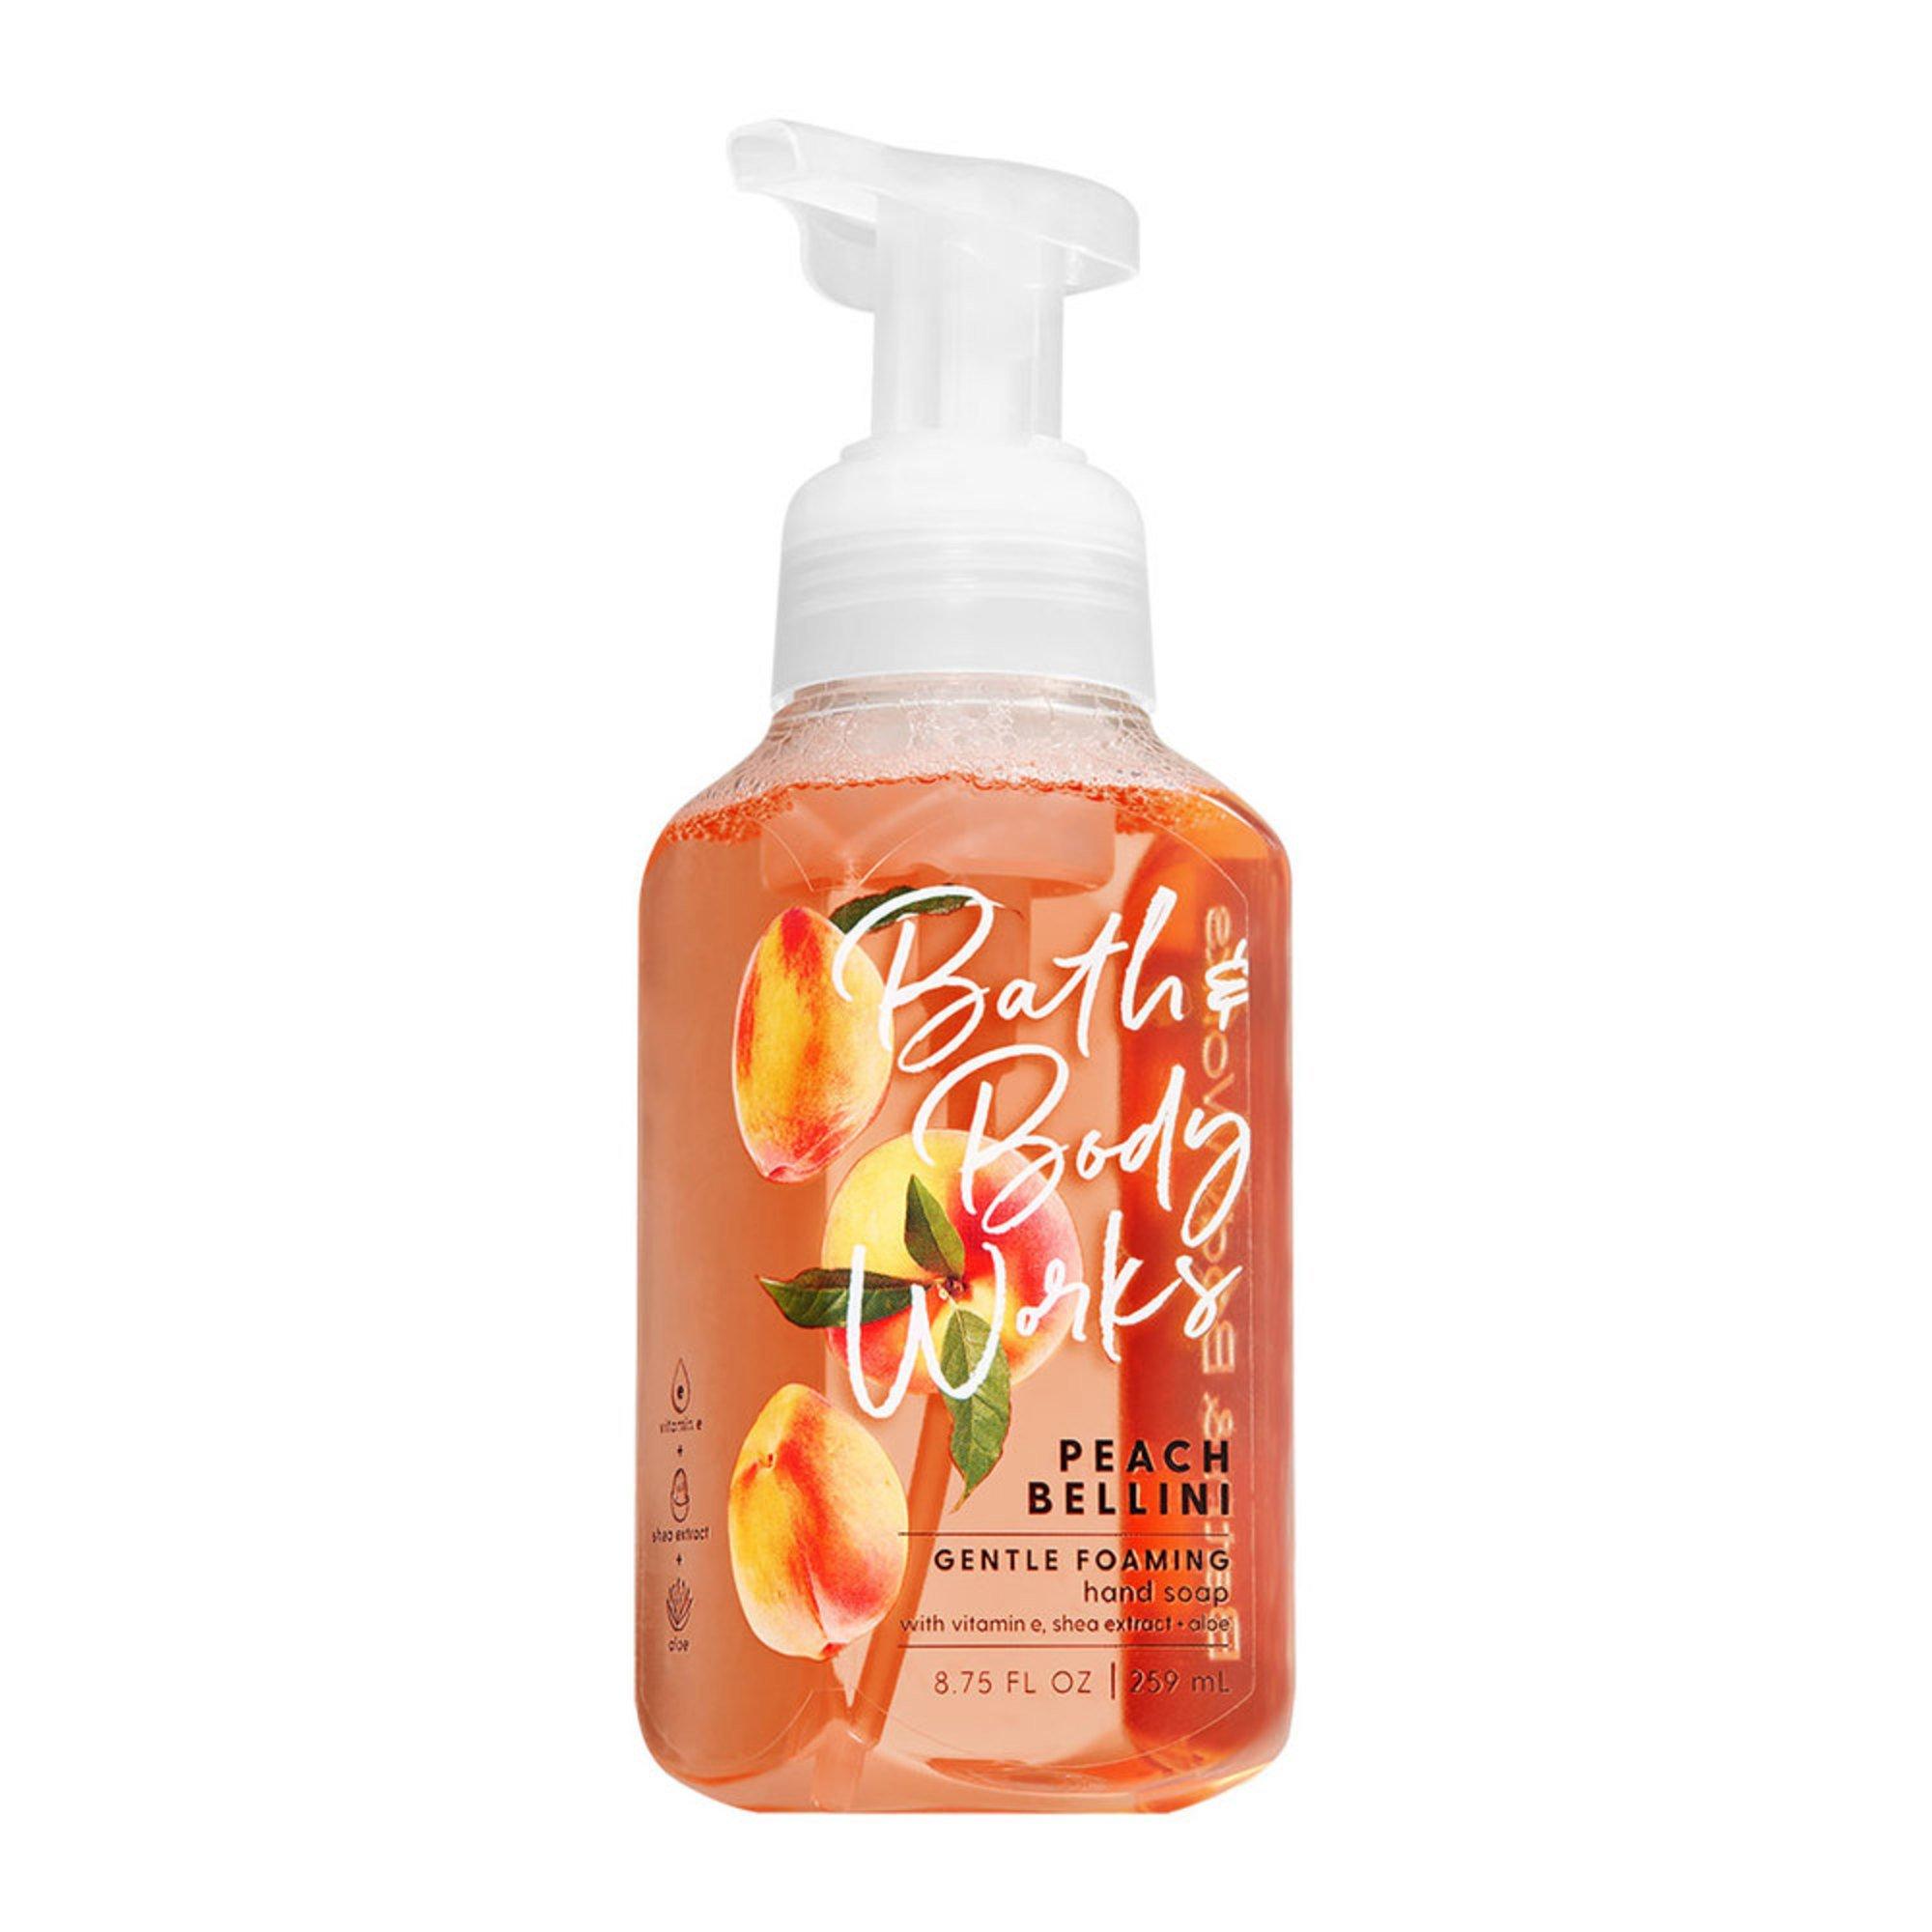 Bath Body Works Peach Bellini Foaming Soap Hand Soap Beauty